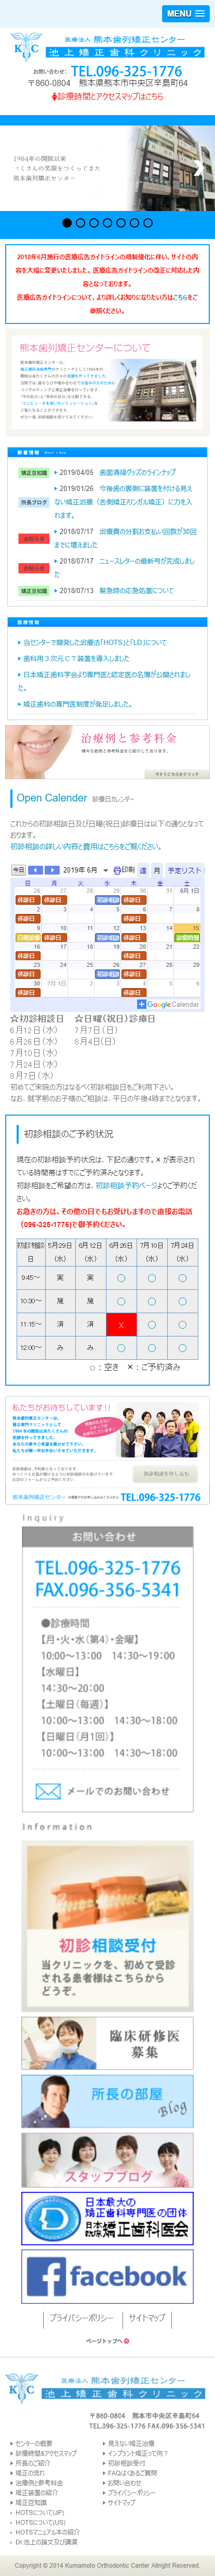 ホームページ制作実績医療法人熊本歯列矯正センター